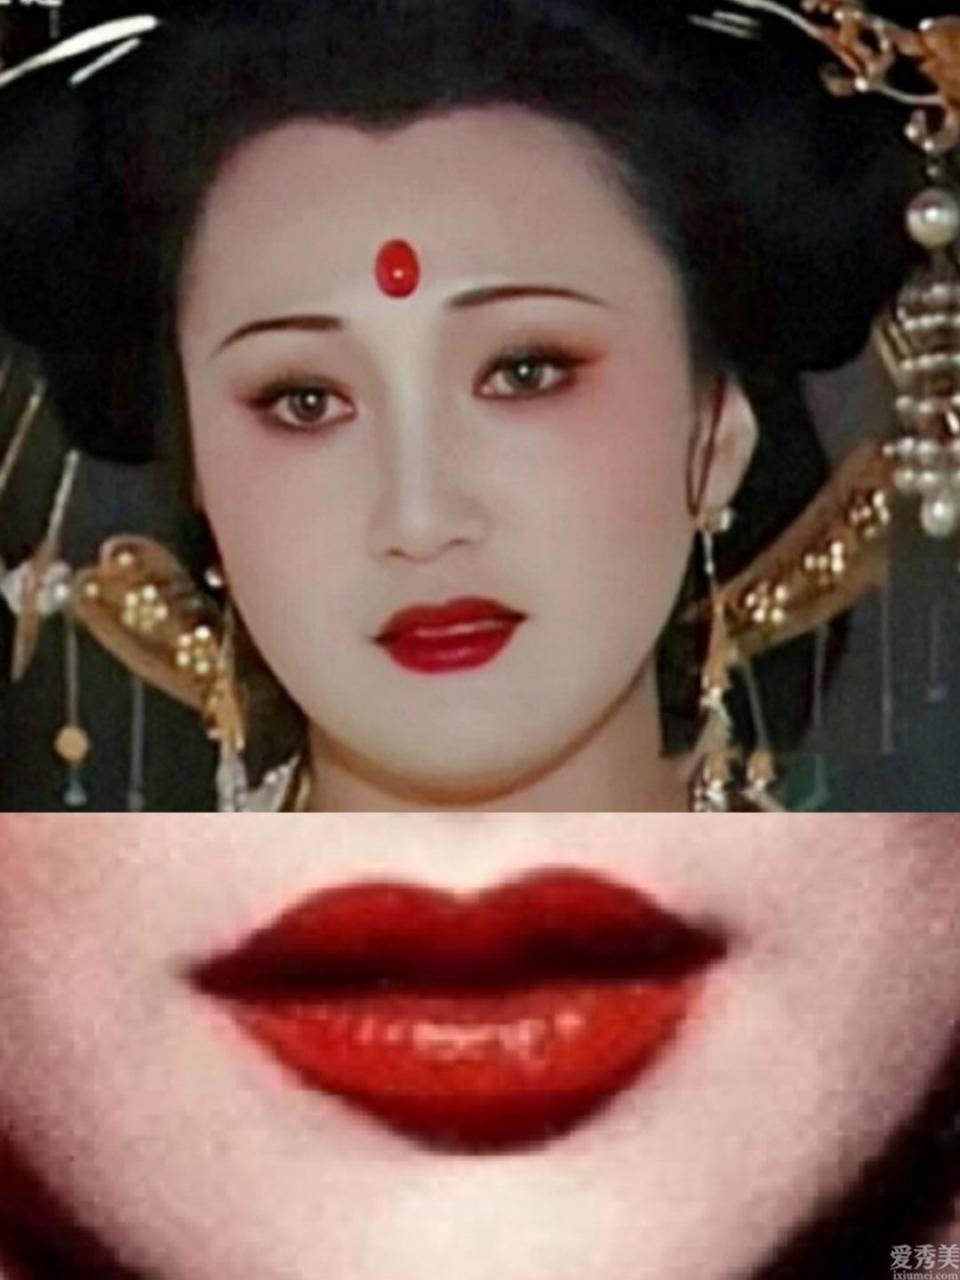 國韻復古休閑妝容在冬季應該是美麗迷人的!五個畫法!震撼唇妝讓你最溫柔